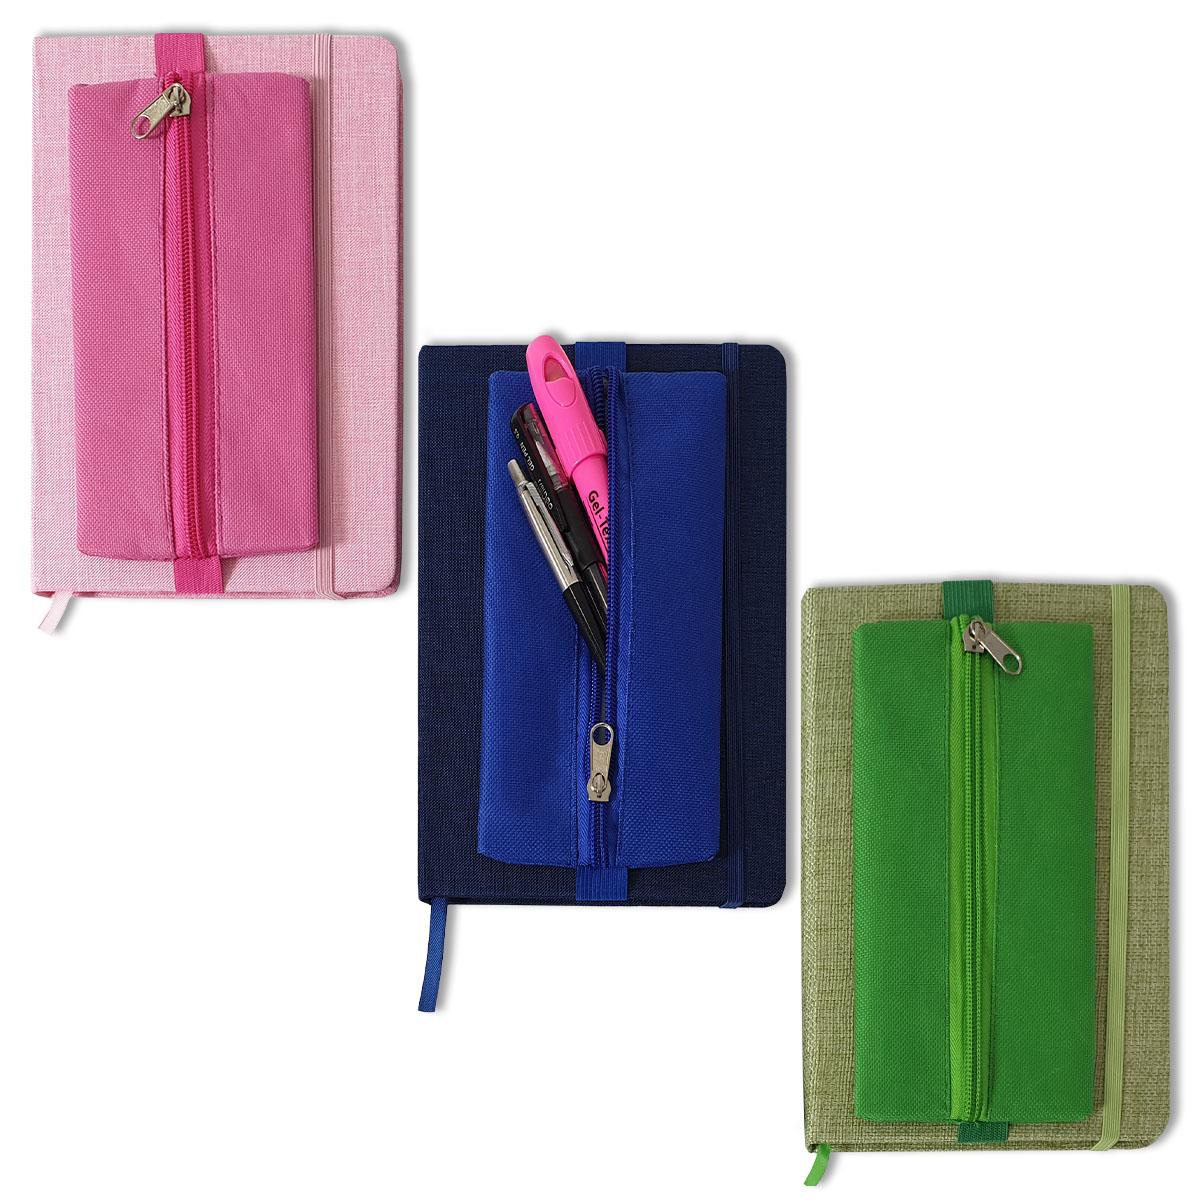 Notizbuch mit Stoffbezug und Stiftemäppchen Image